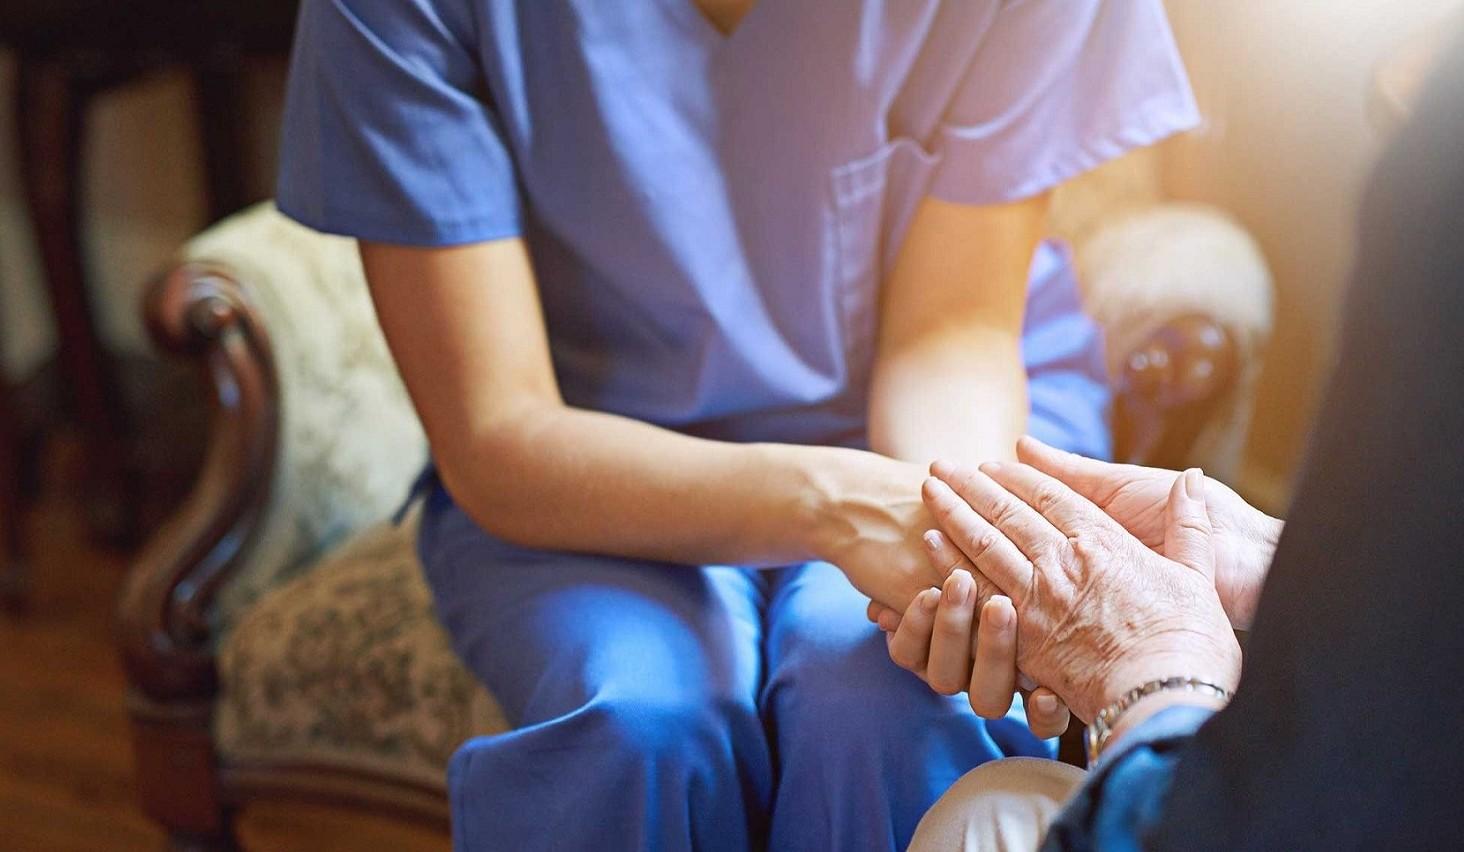 Pensione anticipata per chi assiste familiari disabili